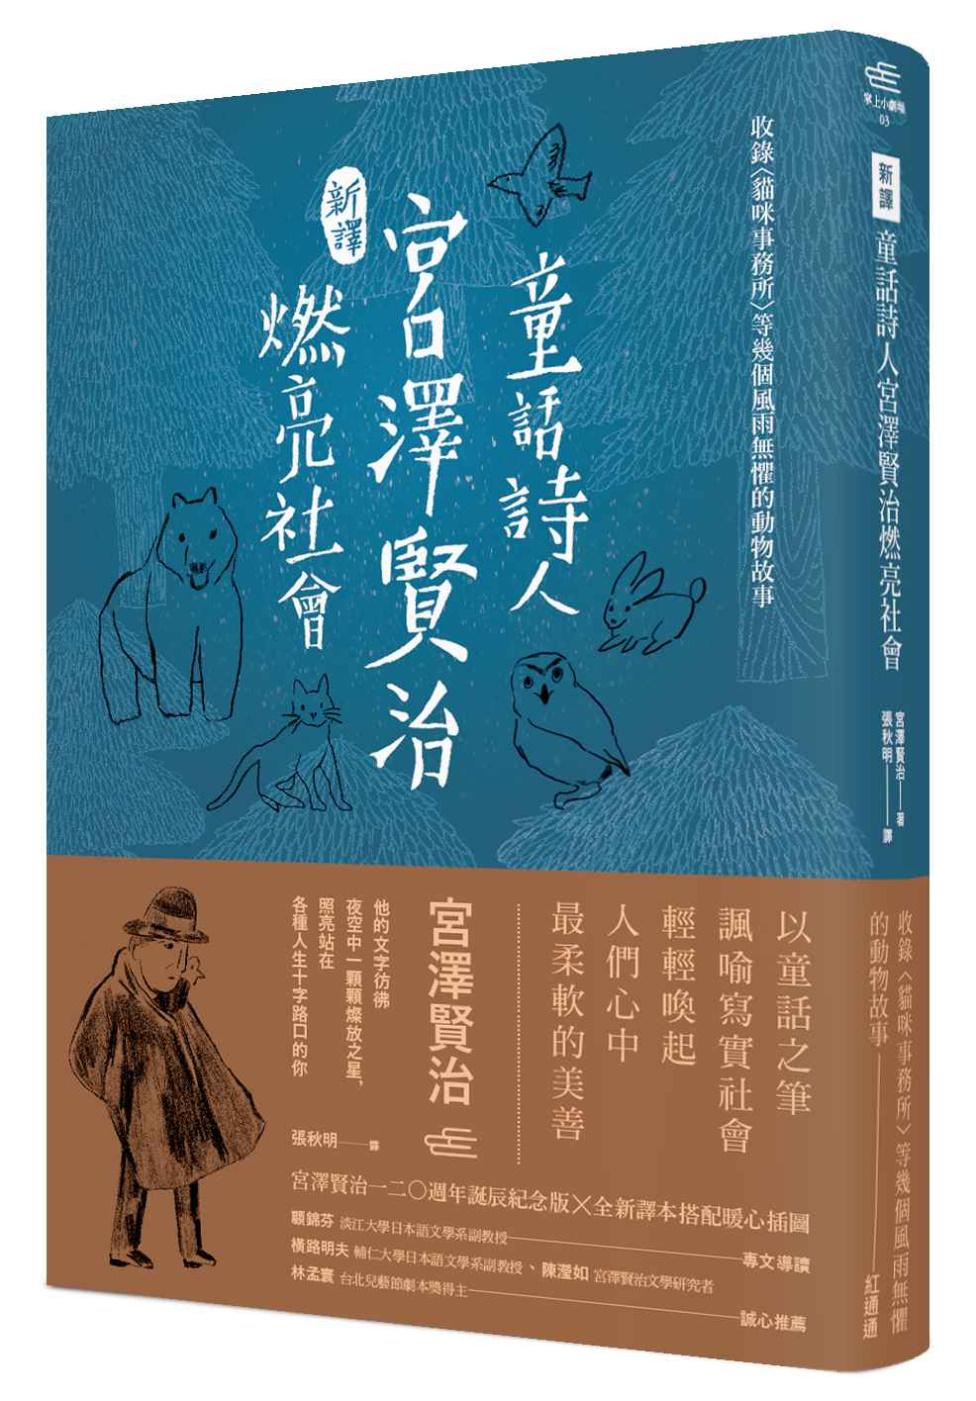 〔新譯〕童話詩人宮澤賢治燃亮社會-收錄〈貓咪事務所〉等幾個風雨無懼的動物故事